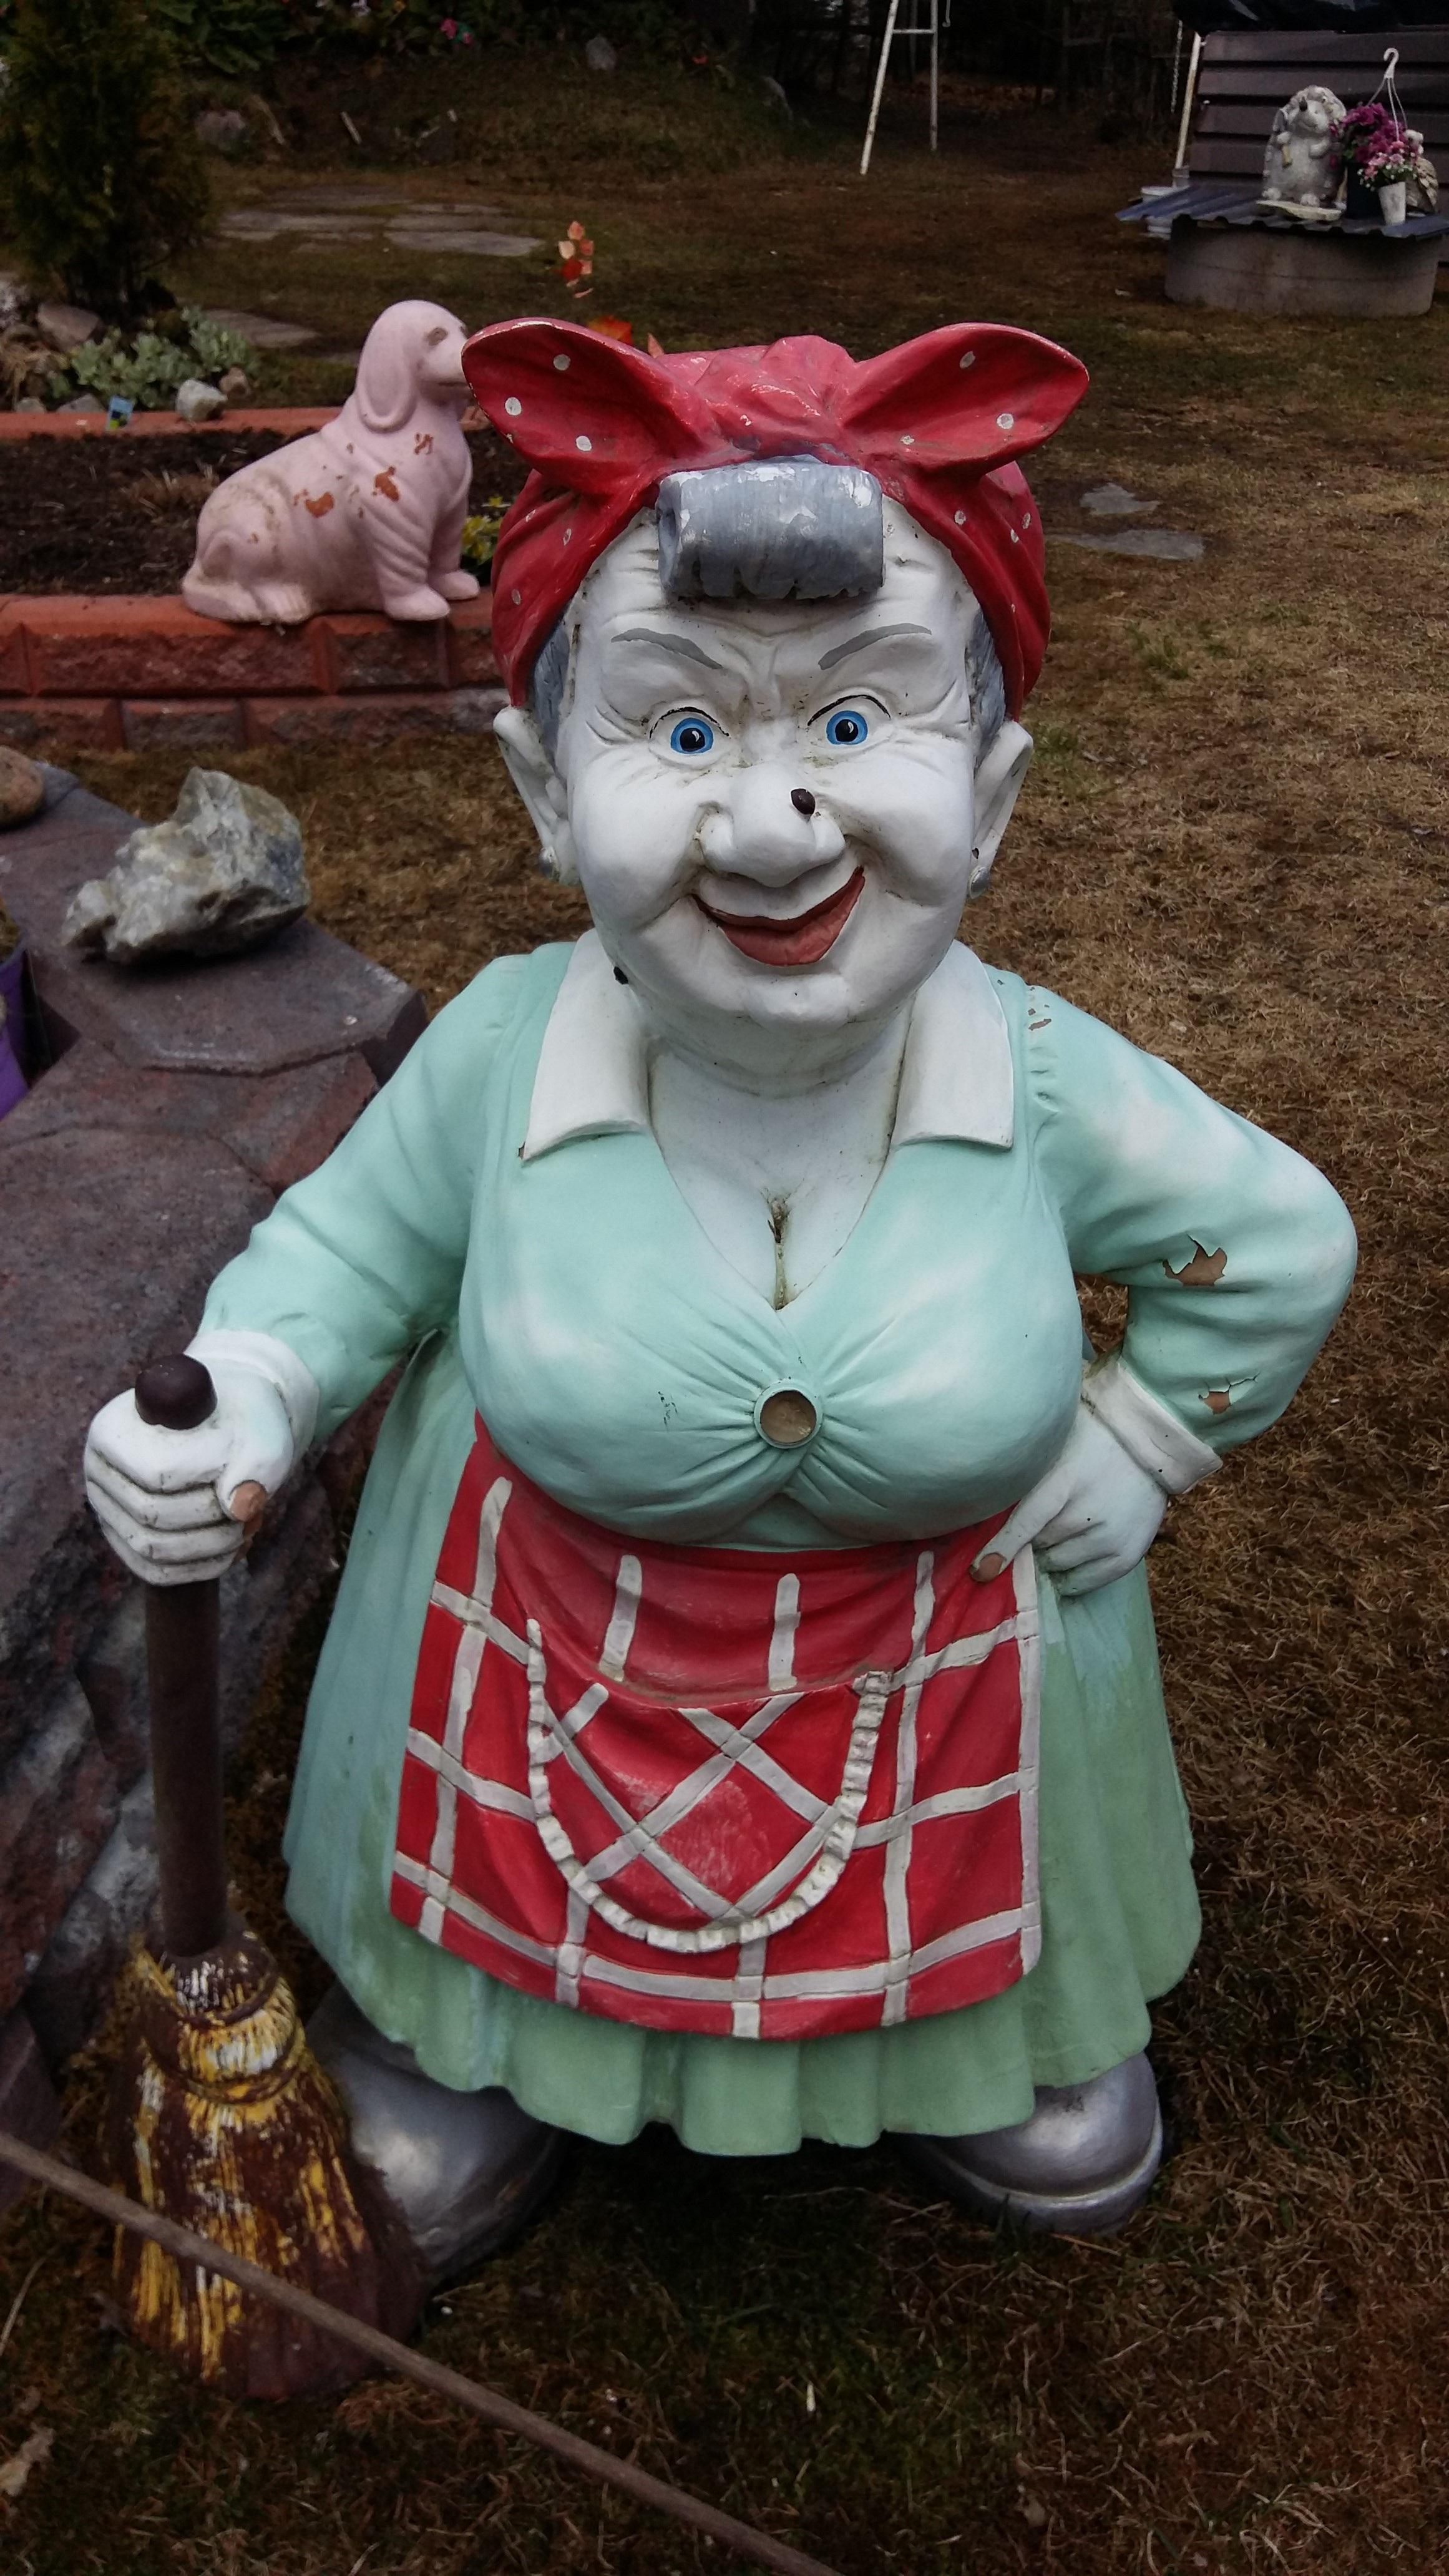 Gratis billeder : kvinde, statue, rød, tøj, have, jul, legetøj, udendørs, kostume, havenisse ...